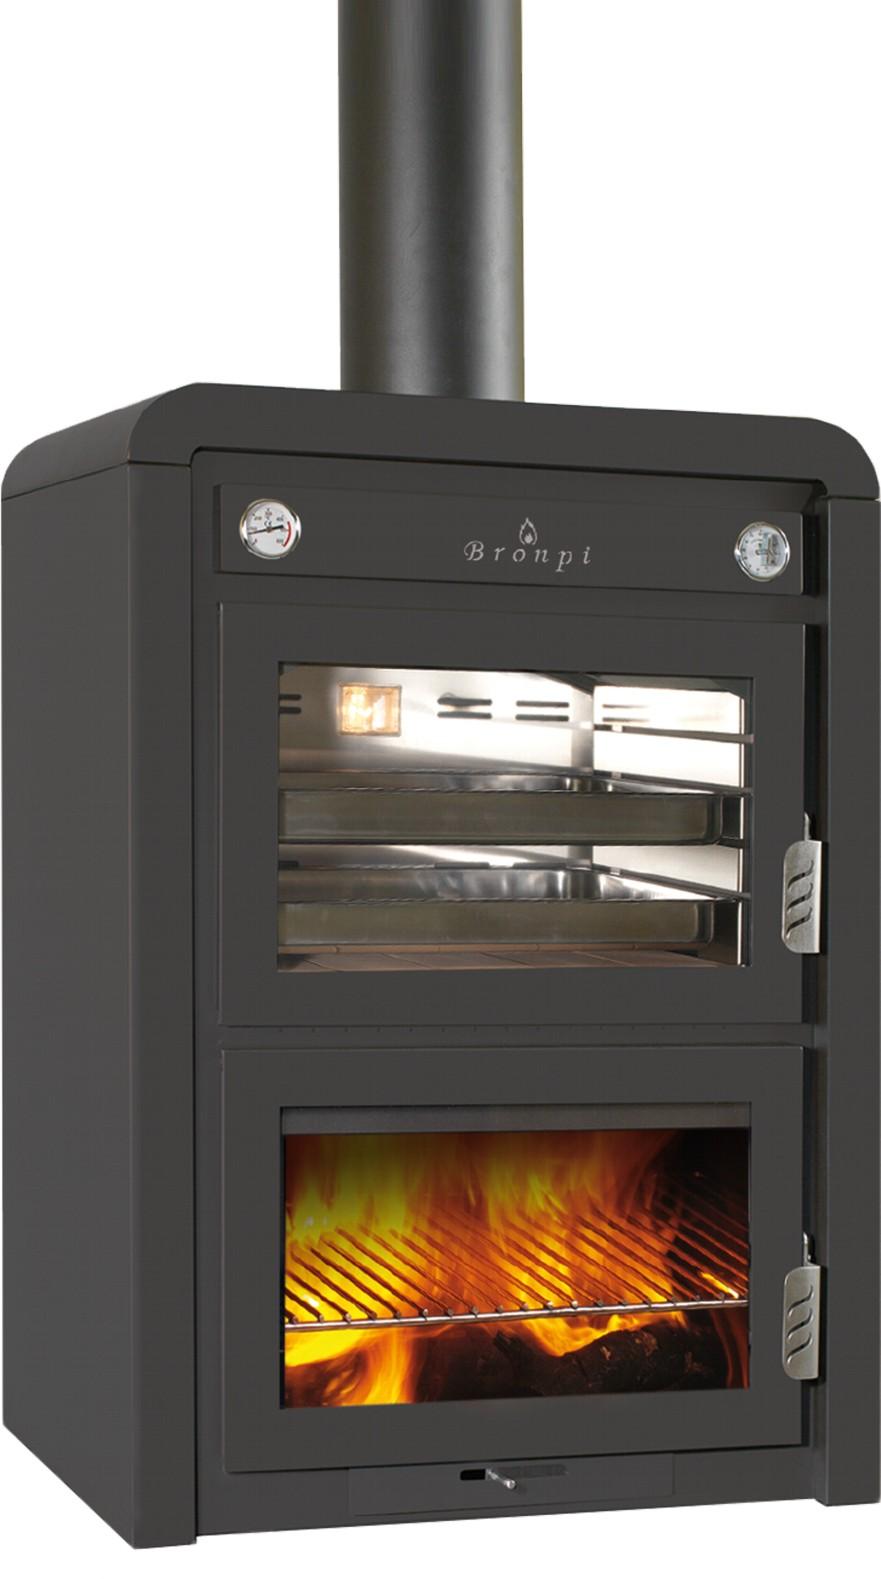 Calefacci n hornos horno bronpi le a mod ojen 13kw - Modelos de hornos de lena ...